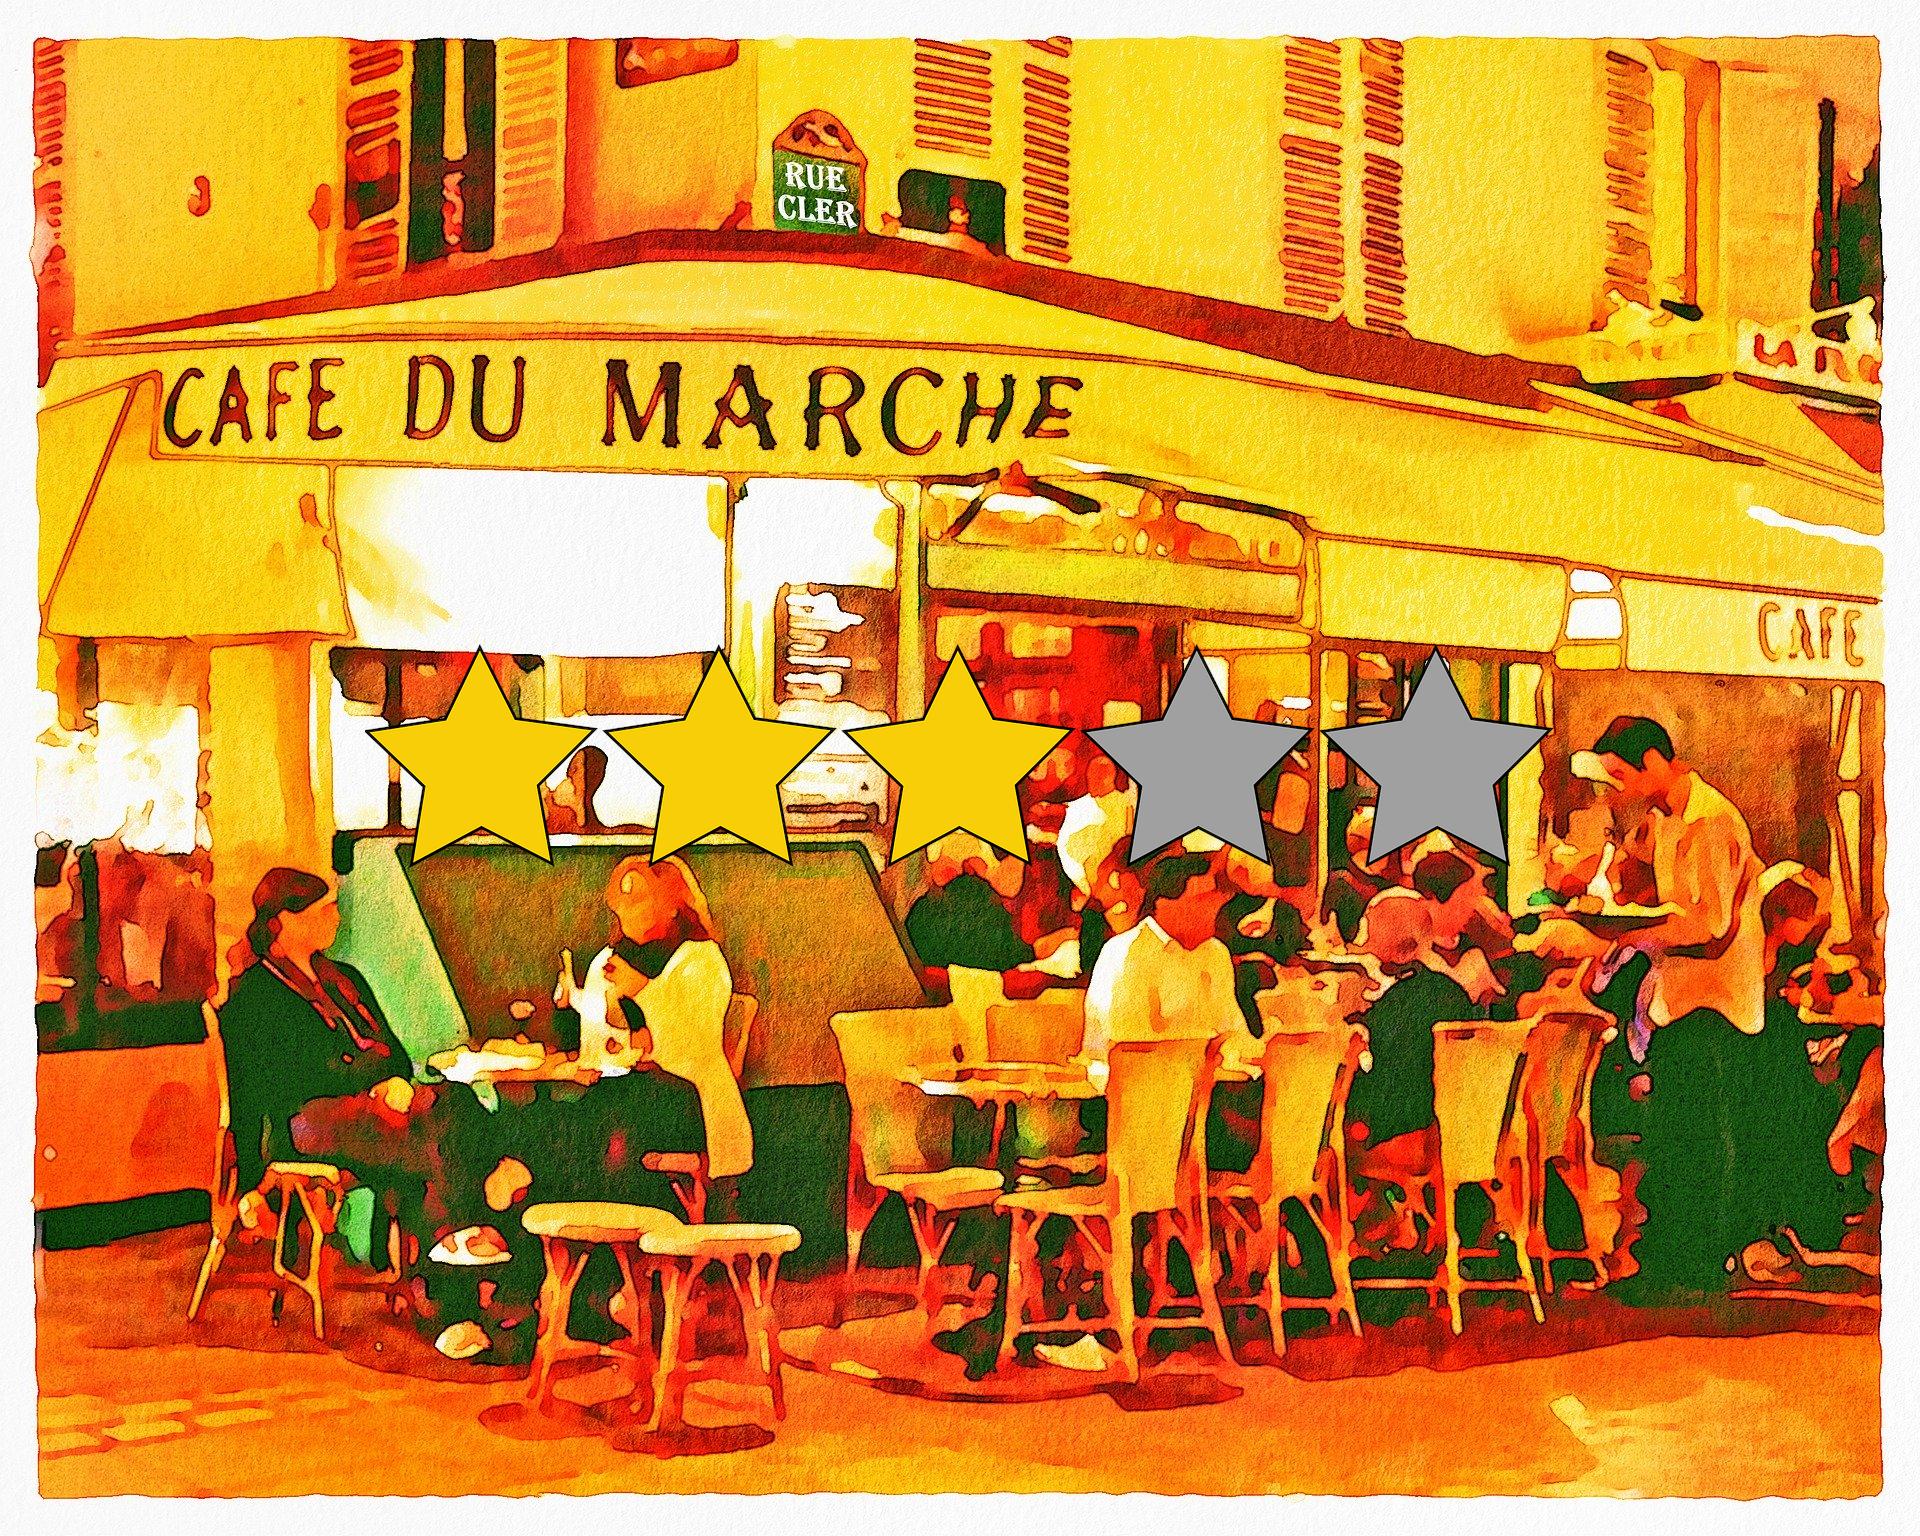 Collage Restaurant mit Bewertungssternen (Quelle: Pixabay/AnnaliseArt, Sthenostudio)